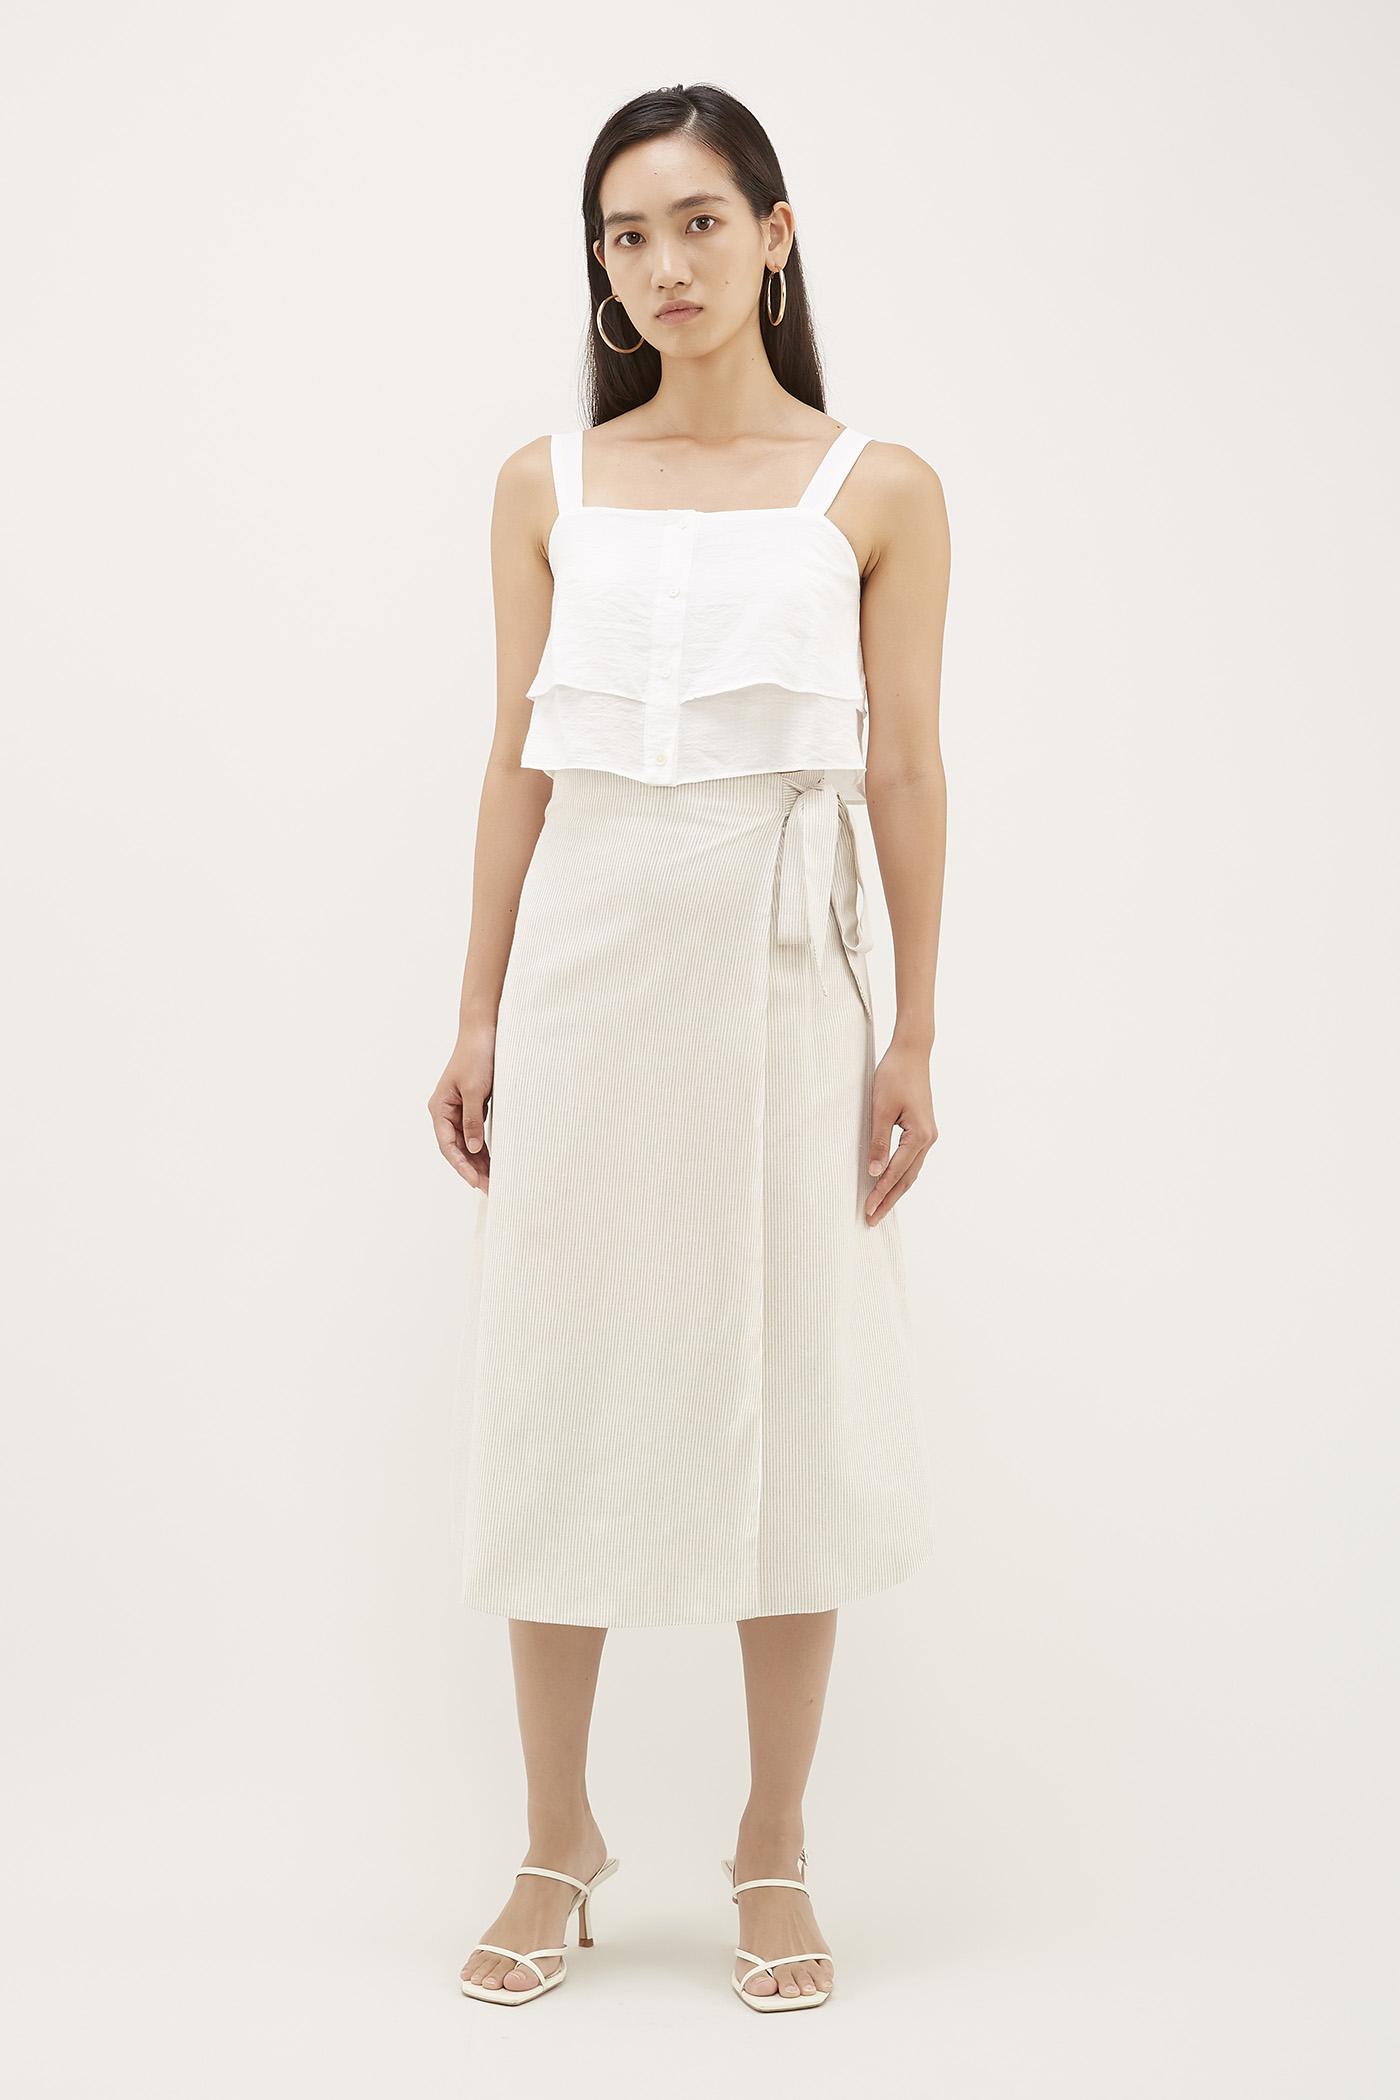 Freyy Wrap Skirt